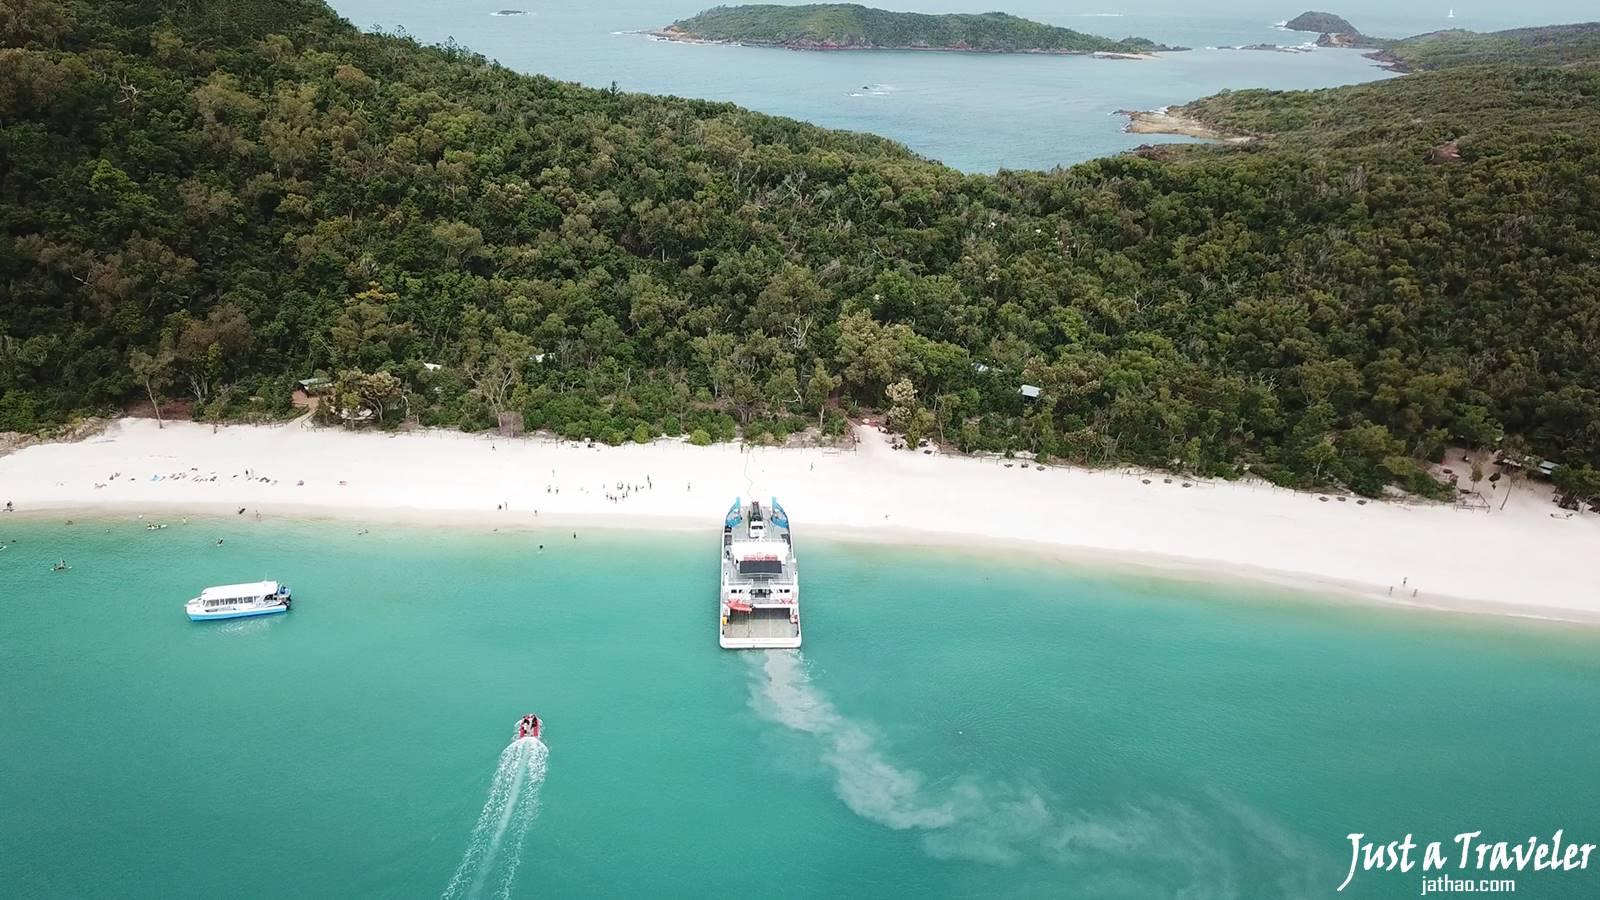 澳洲-聖靈群島-白天堂沙灘-白天堂海灘-景點-推薦-攻略-交通-自由行-遊記-必玩-必去-必遊-行程-一日遊-半日遊-旅遊-Whitsundays-Whitehaven-Beach-空拍